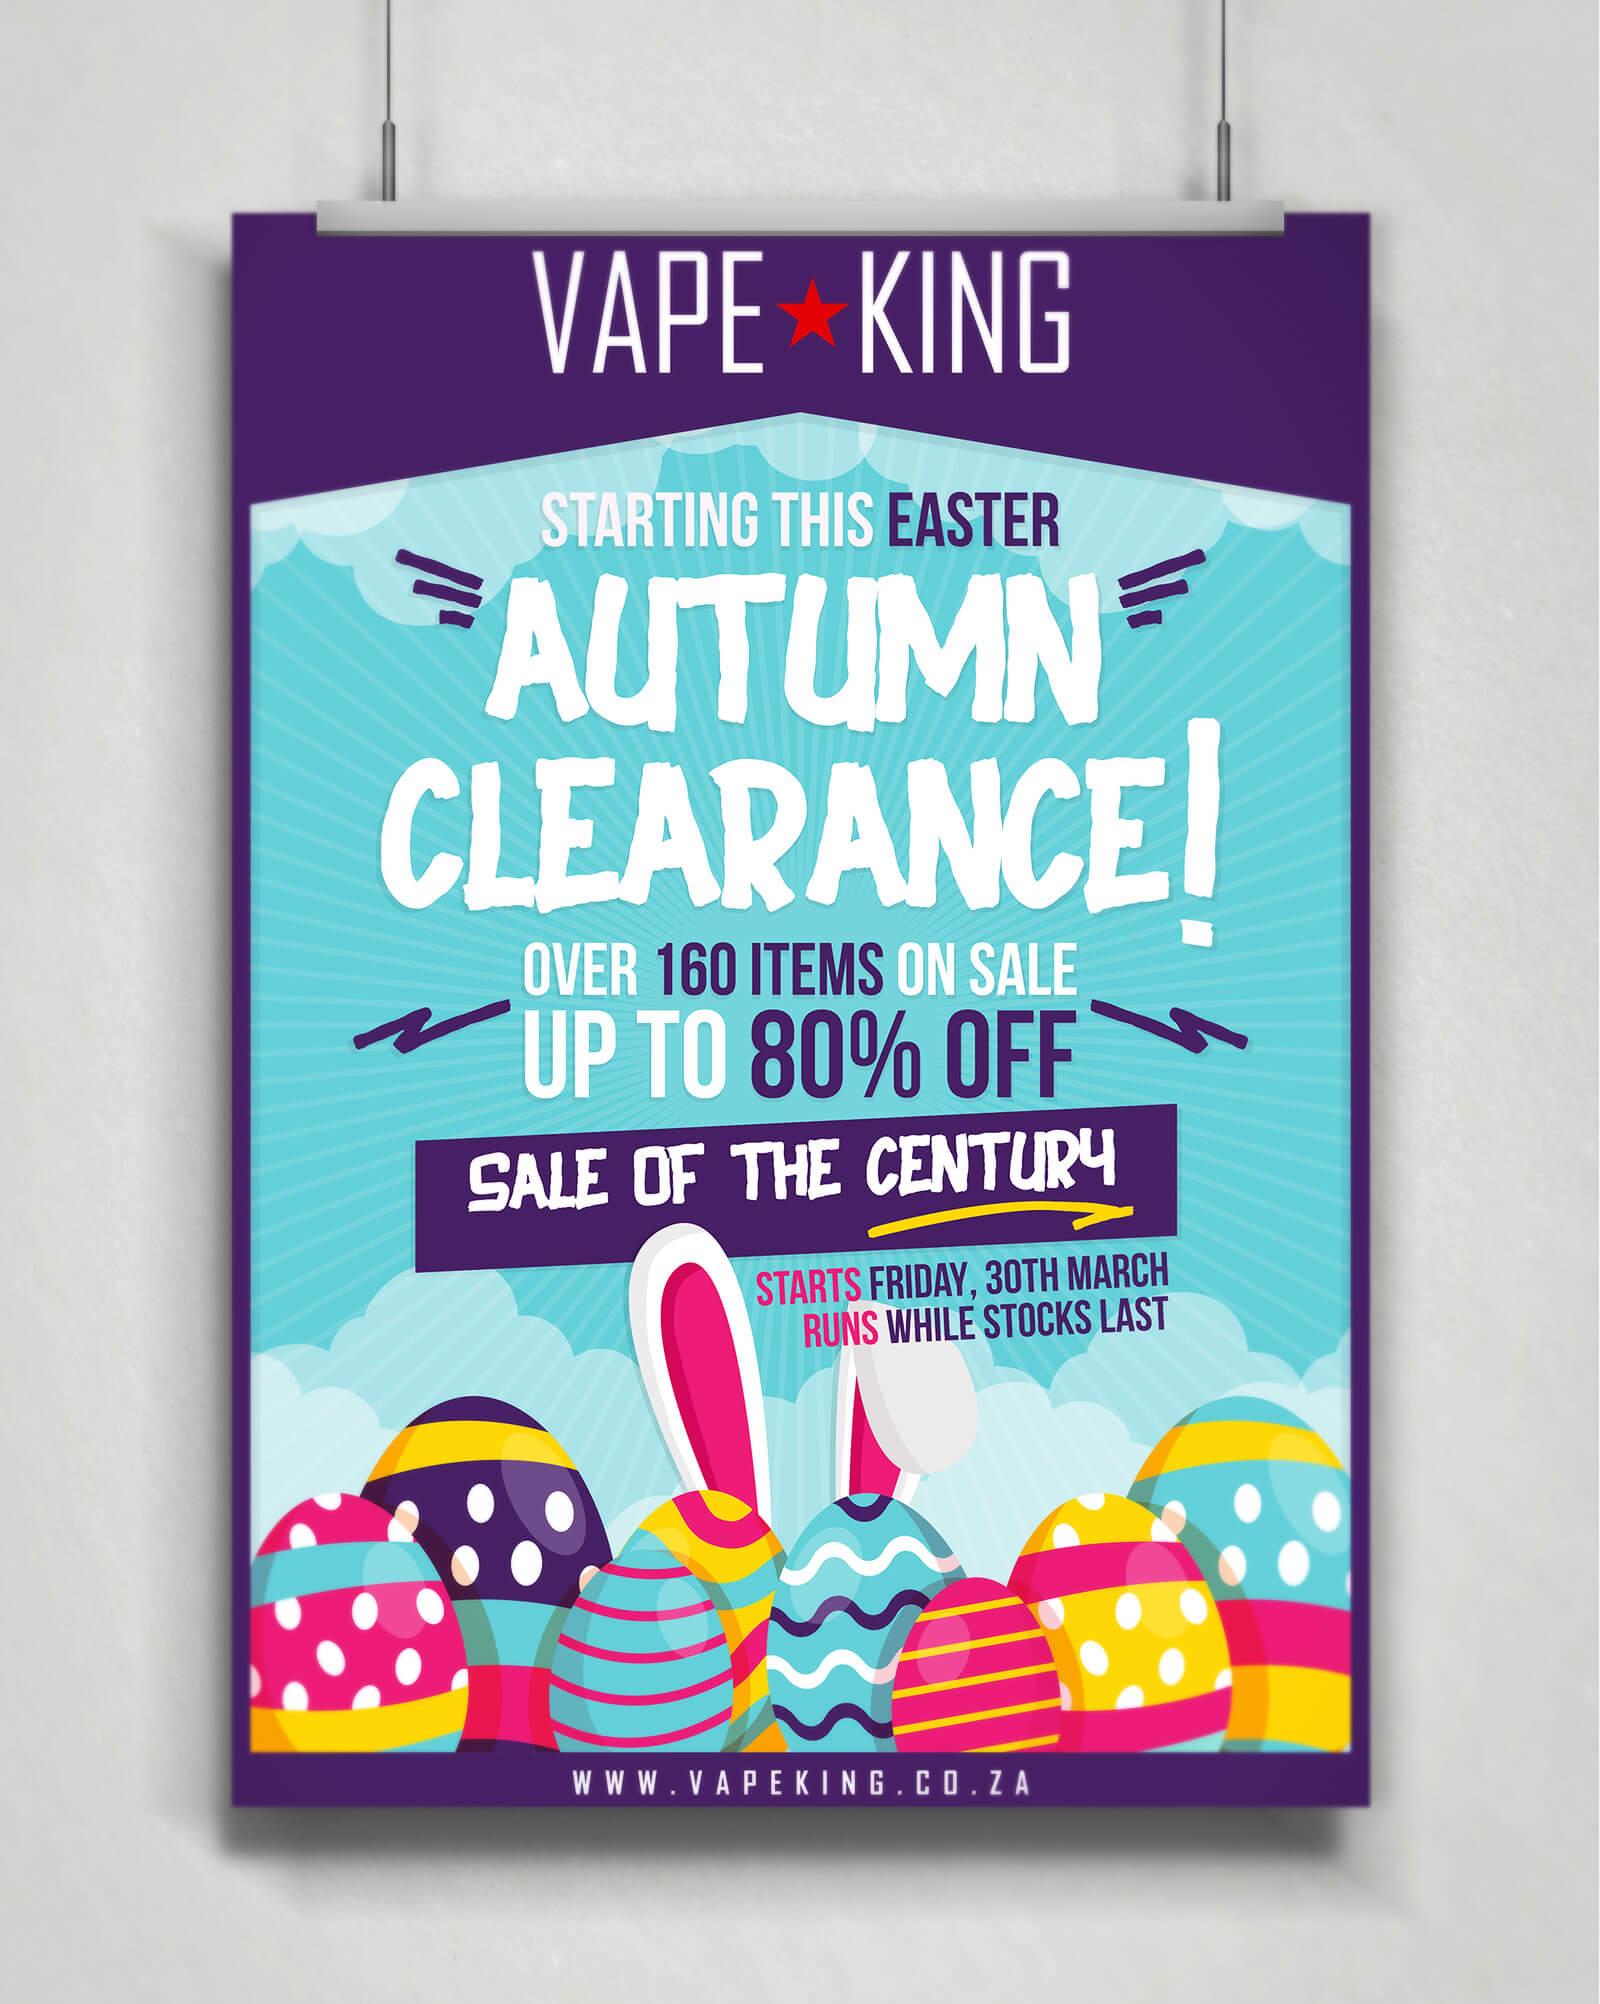 vapeking-autumn-sales